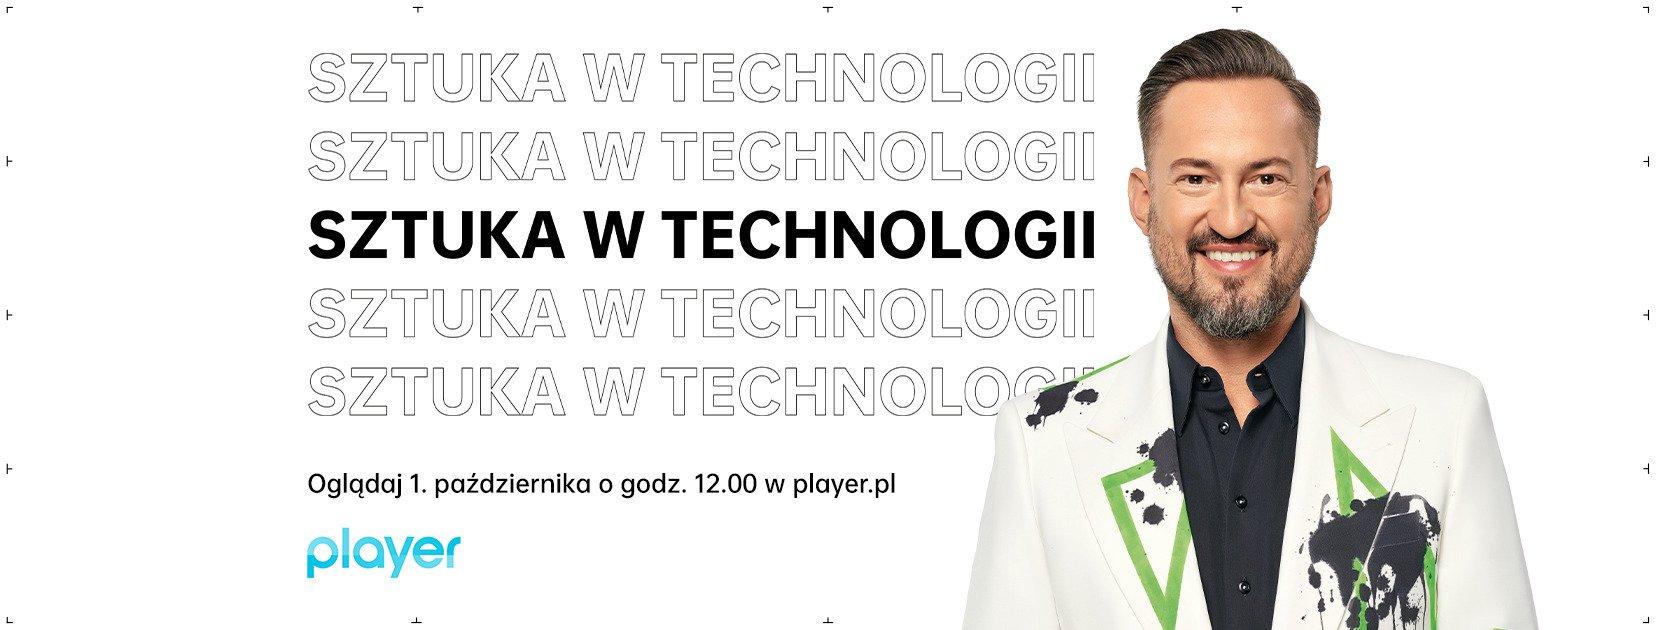 """""""Sztuka w technologii"""" – OPPO zaprasza wszystkich na premierę swoich nowych produktów w Playerze"""